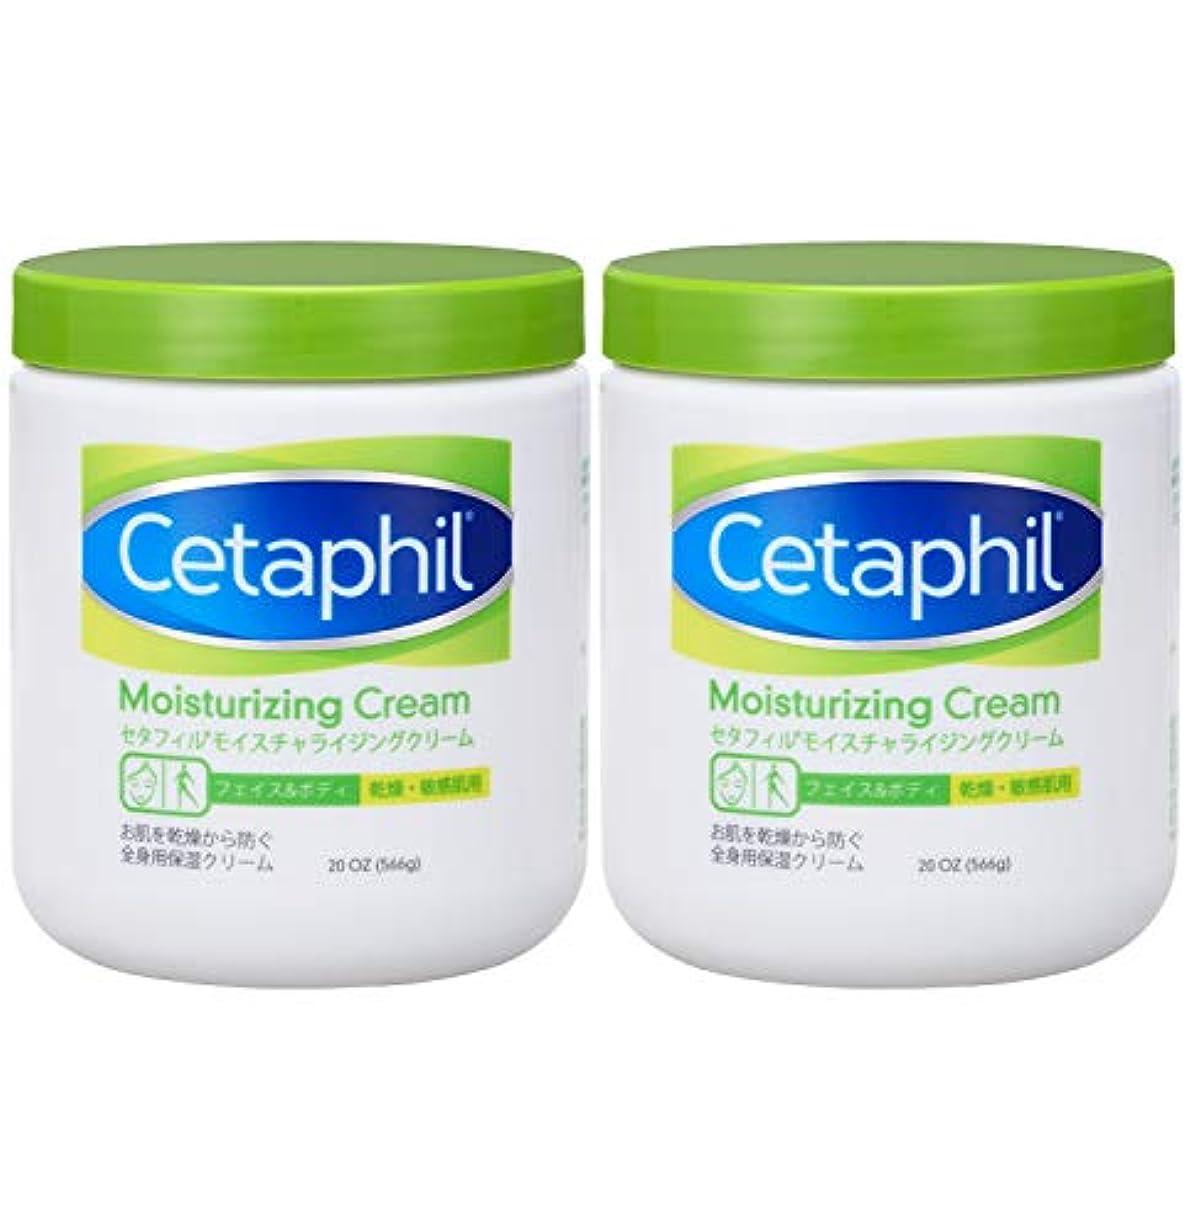 ホストセットする振幅セタフィル Cetaphil ® モイスチャライジングクリーム 566ml 2本組 ( フェイス & ボディ 保湿クリーム クリーム )